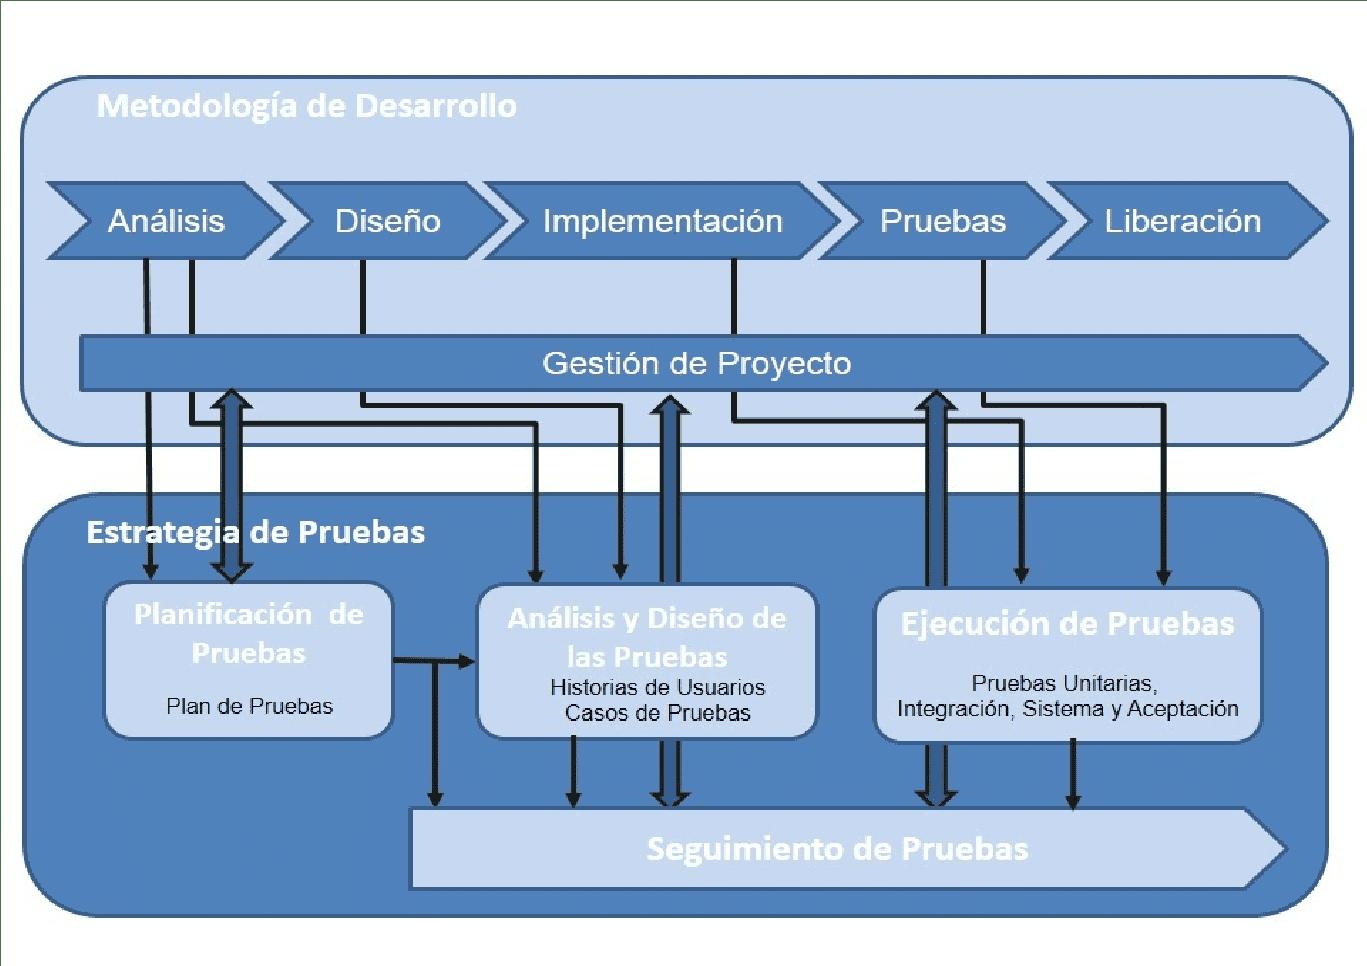 METODOLOGÍA DE DESARROLLO Y ESTRATEGIA DE PRUEBAS